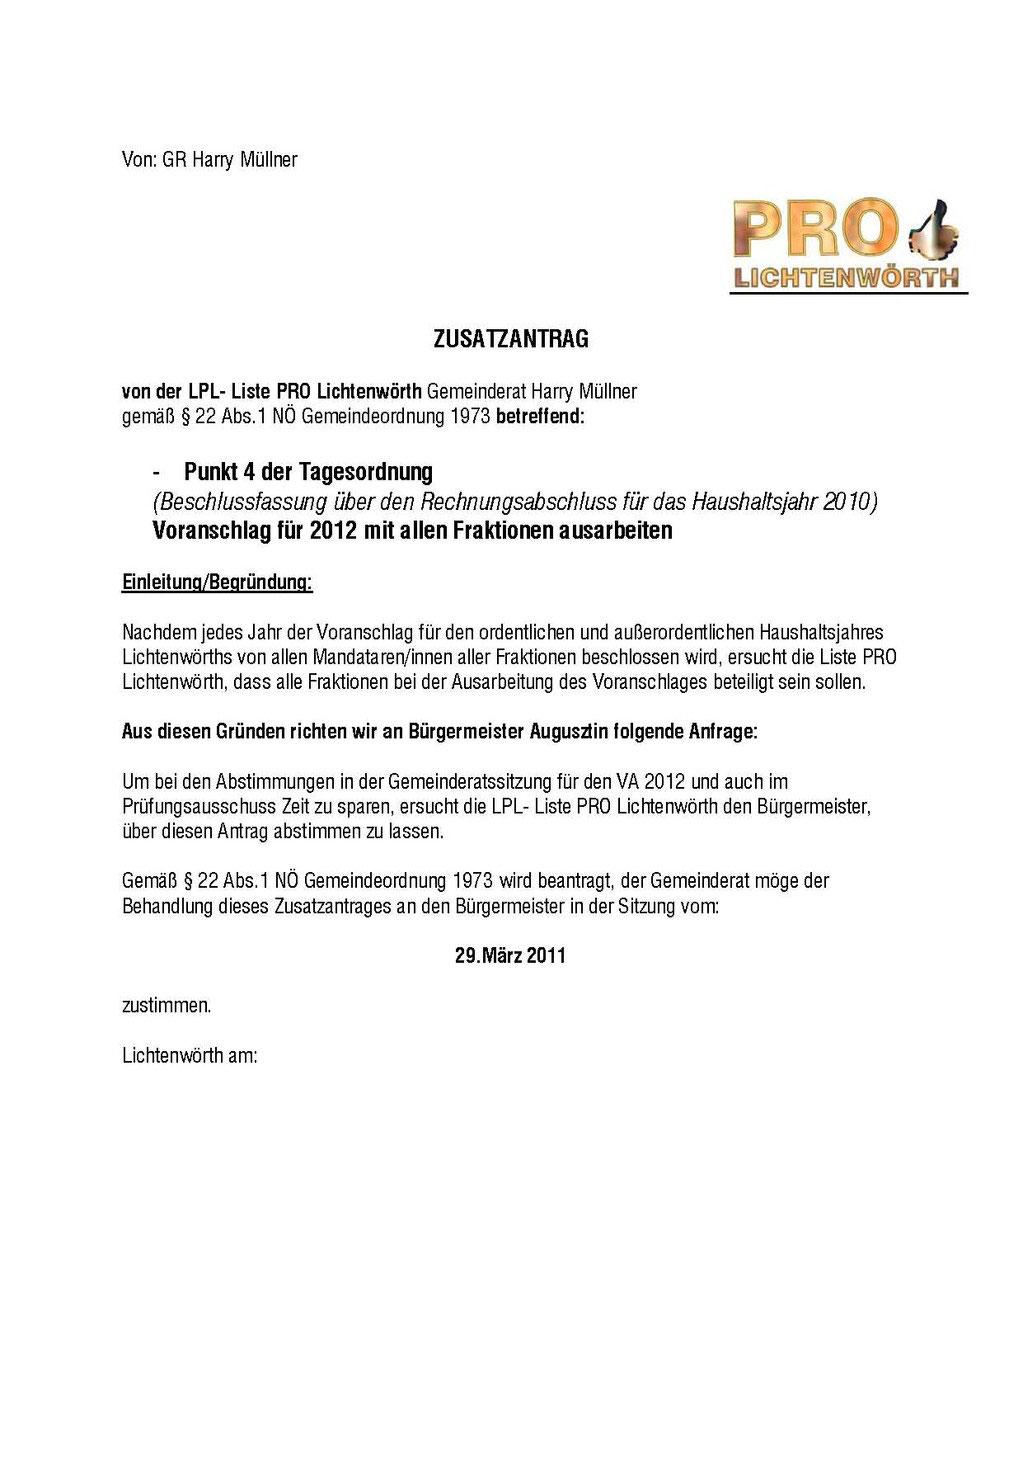 Gemeinderatssitzung am 2011-03-29 Beginn 1900 Uhr im Gemeindeamt ...